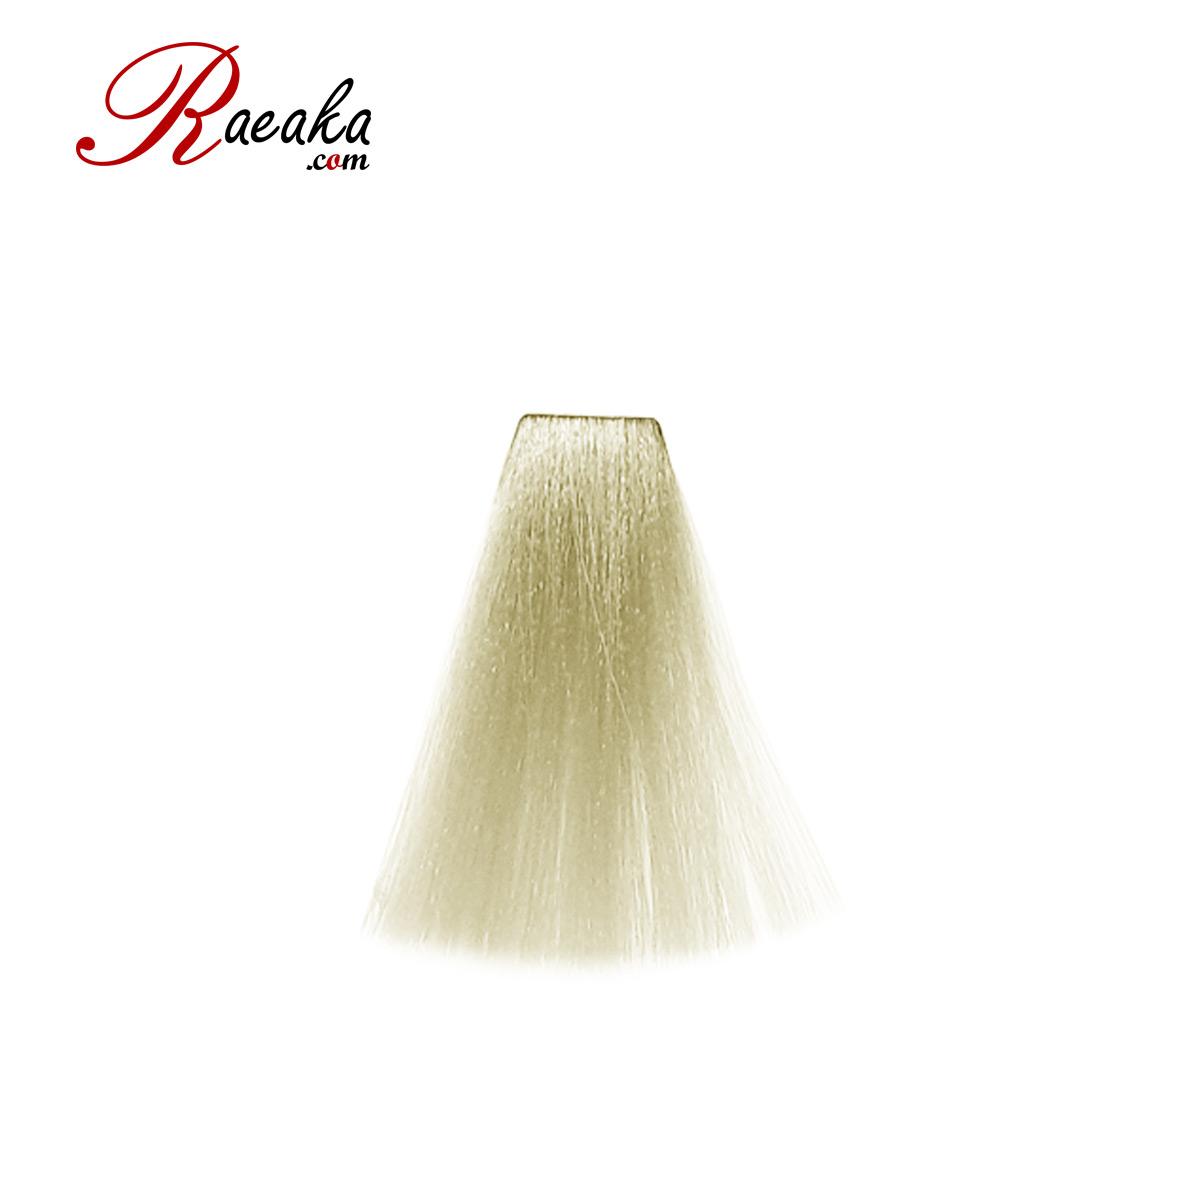 رنگ مو دوشس سری هایلایت حرفه ای شماره 01-12 حجم 125 میلی لیتر